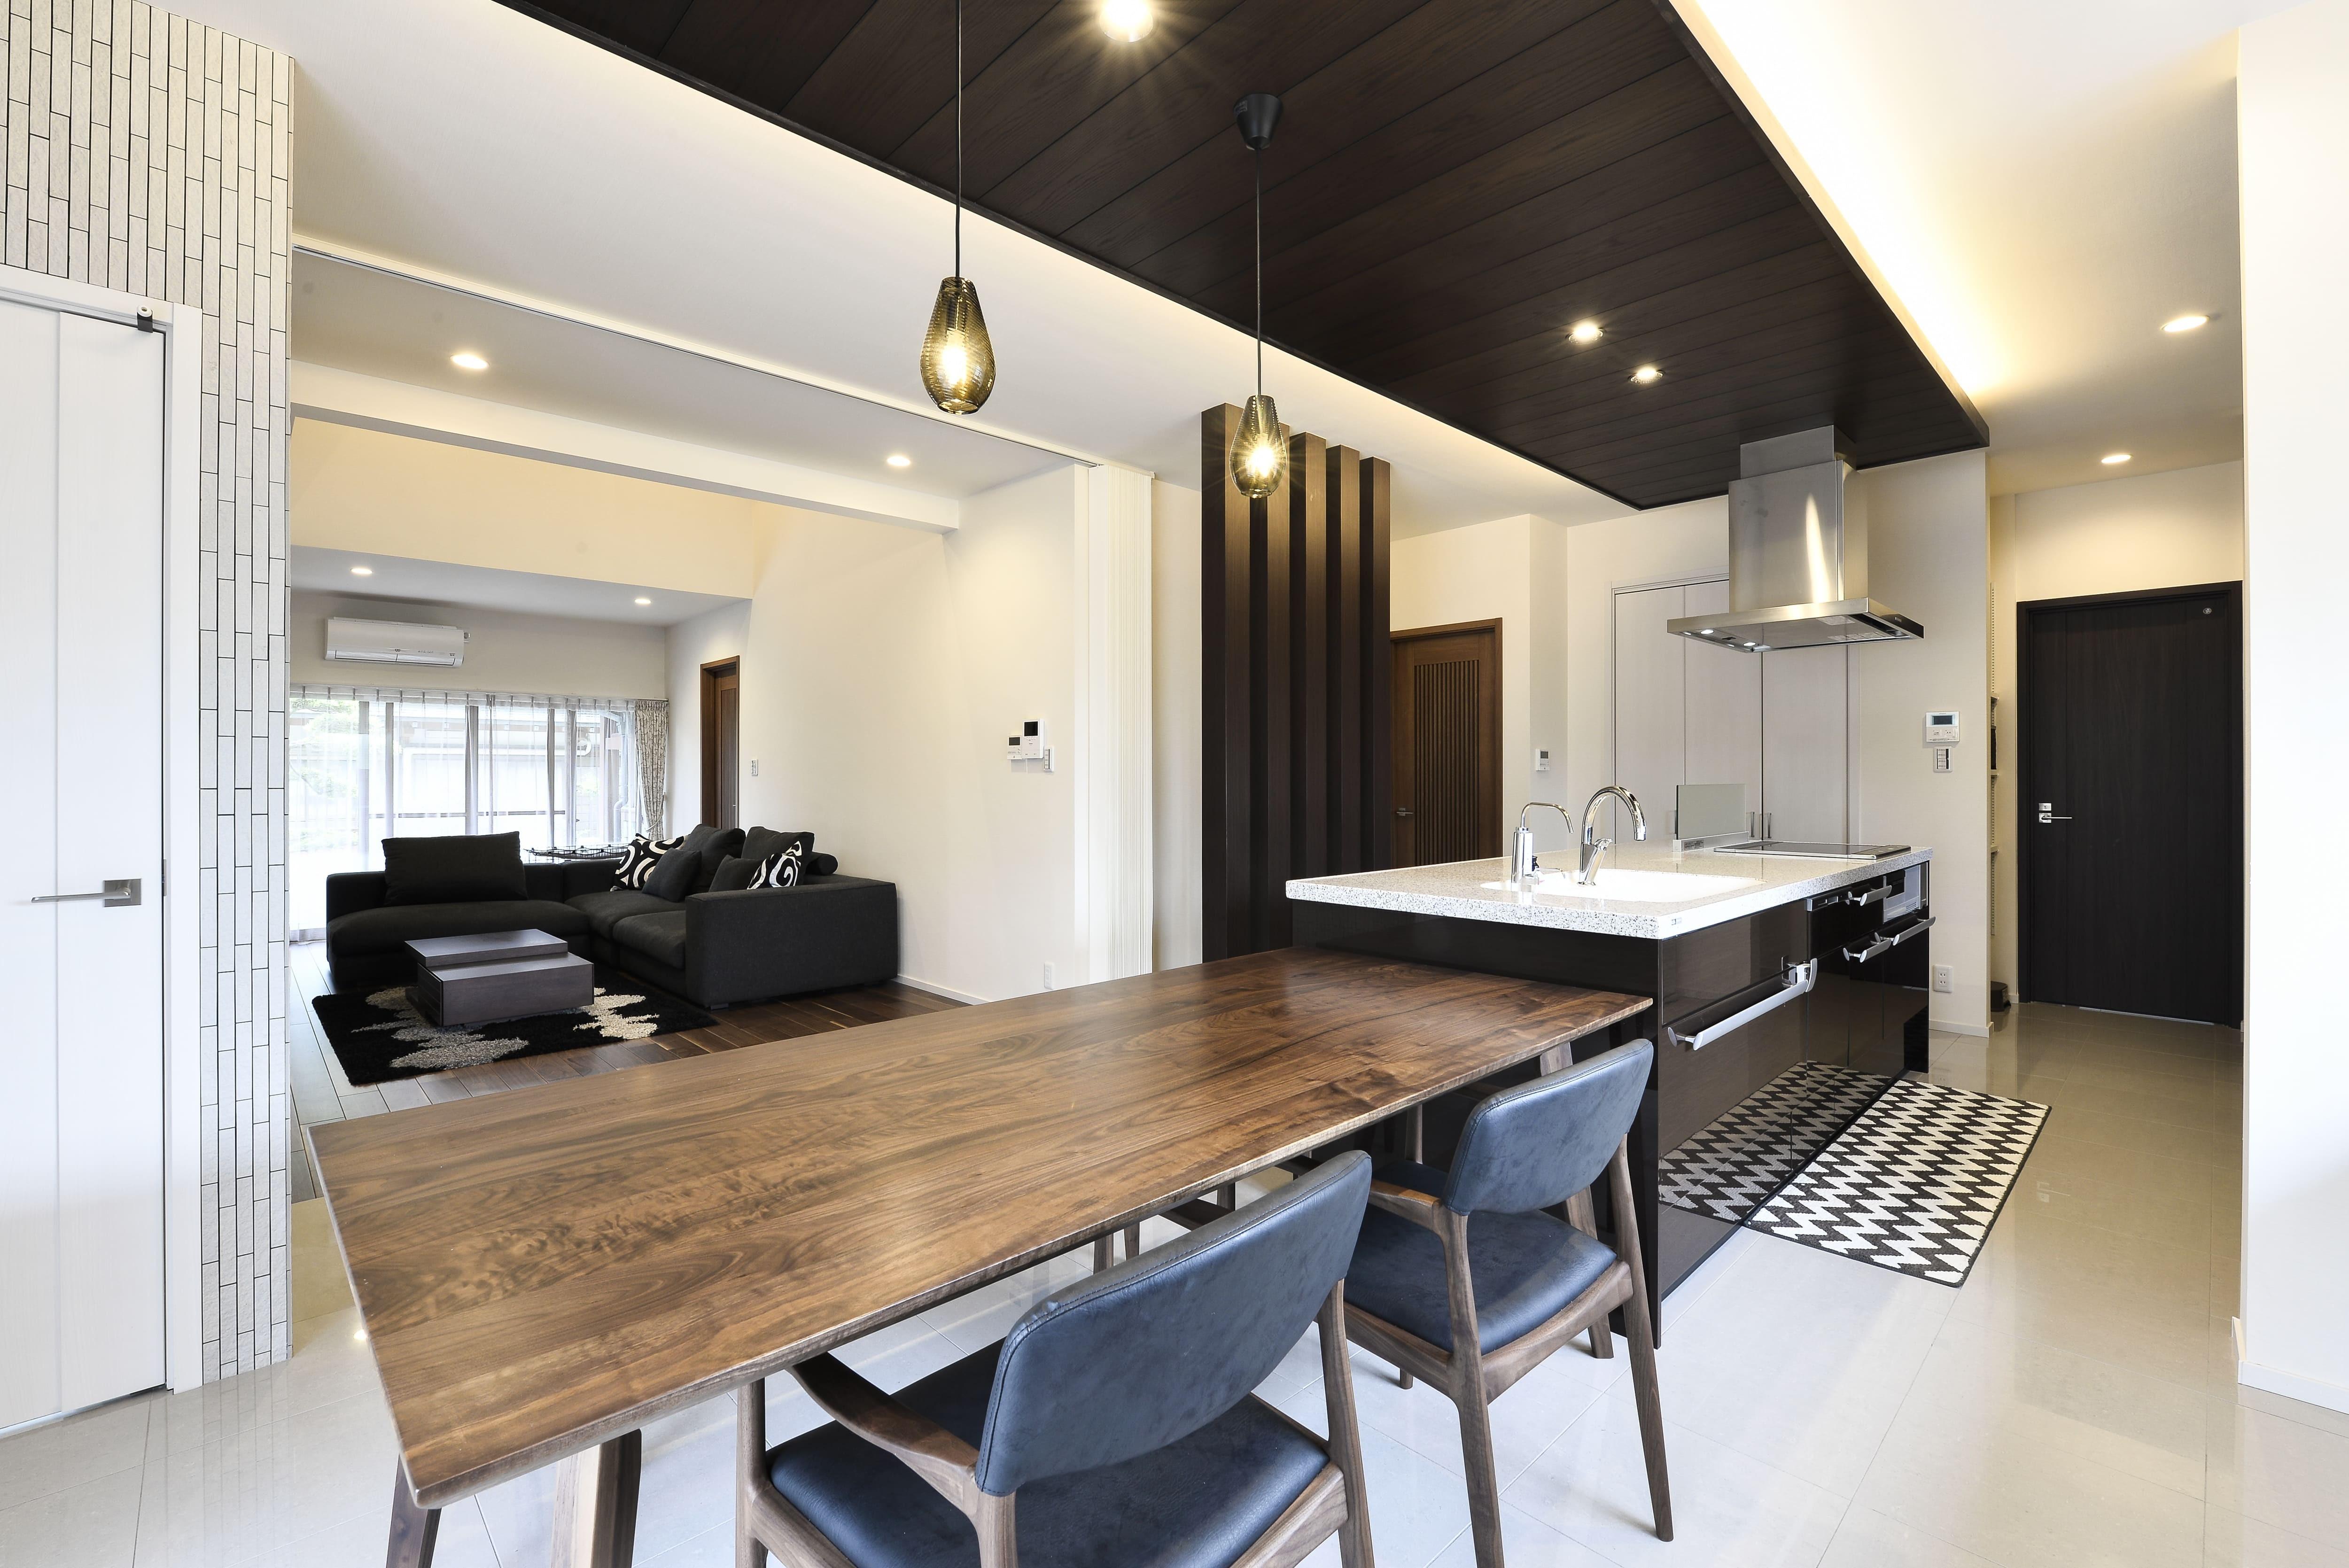 リビングダイニング事例:以前のキッチンと二間の和室を連続させた約30帖のLDKに。(外観は純和風のままに、室内はアーバンモダンの洗練されたデザインへとリフォーム。)